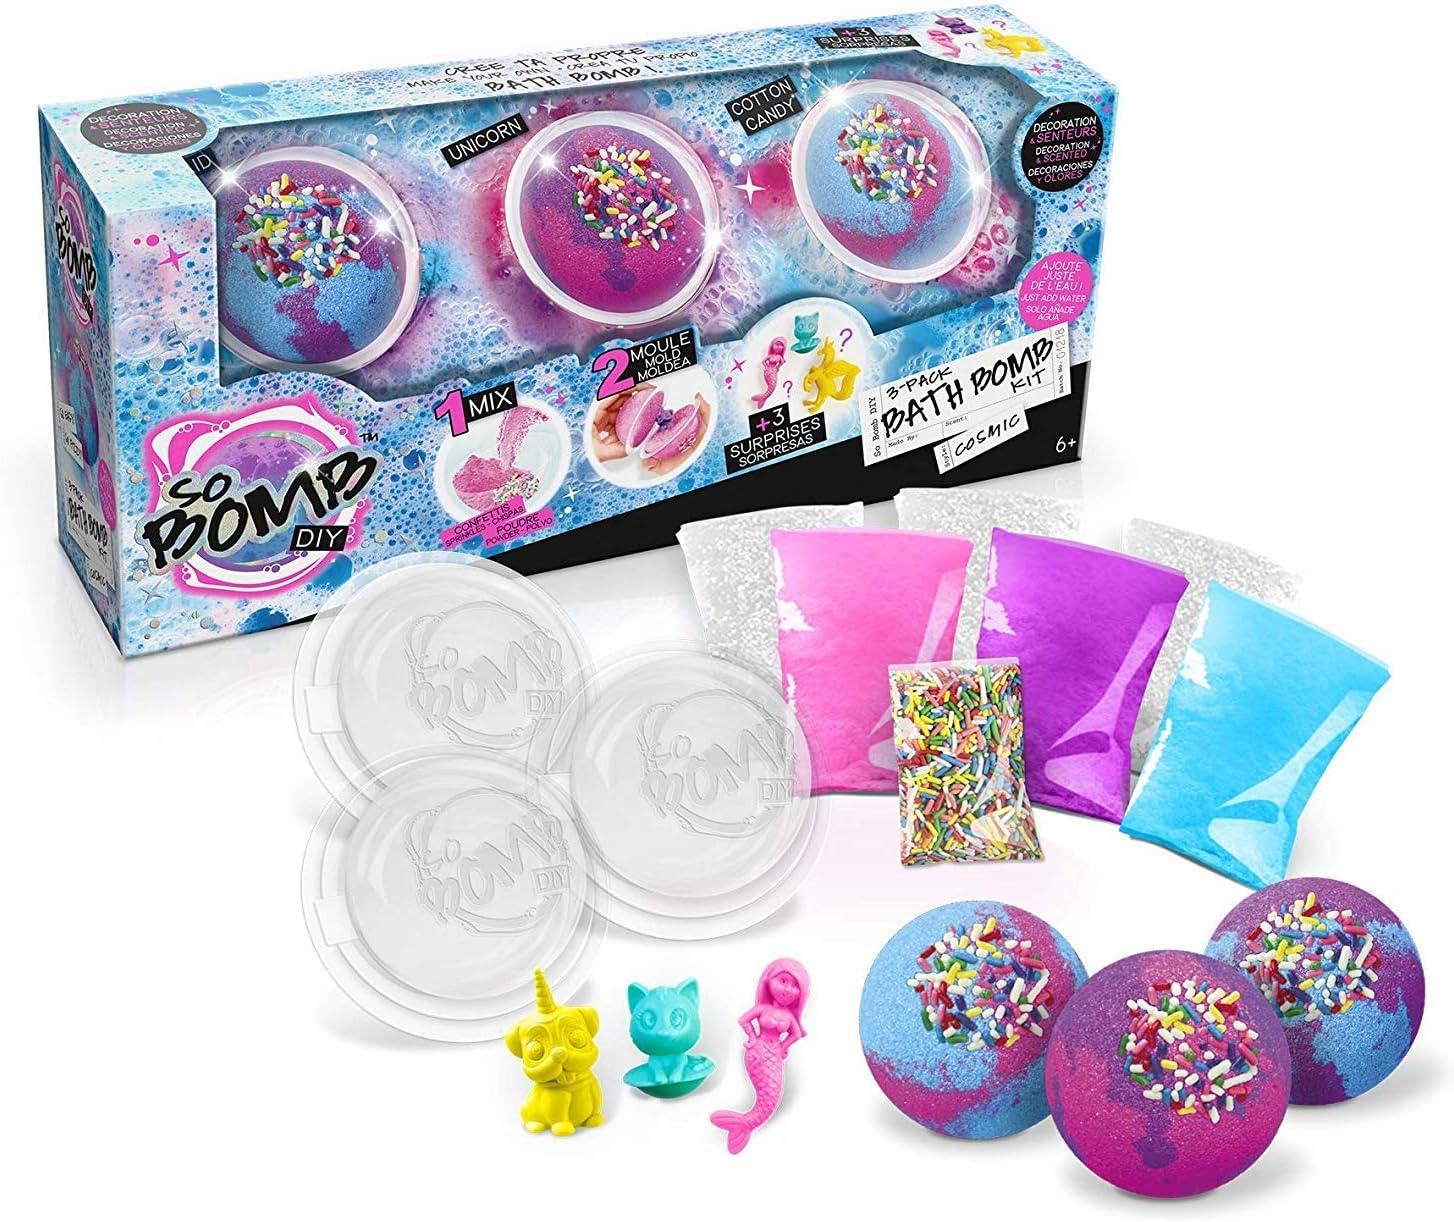 So Bath Bomb - Bomba de jabón (Canal Toys BBD003), surtido: colores aleatorios